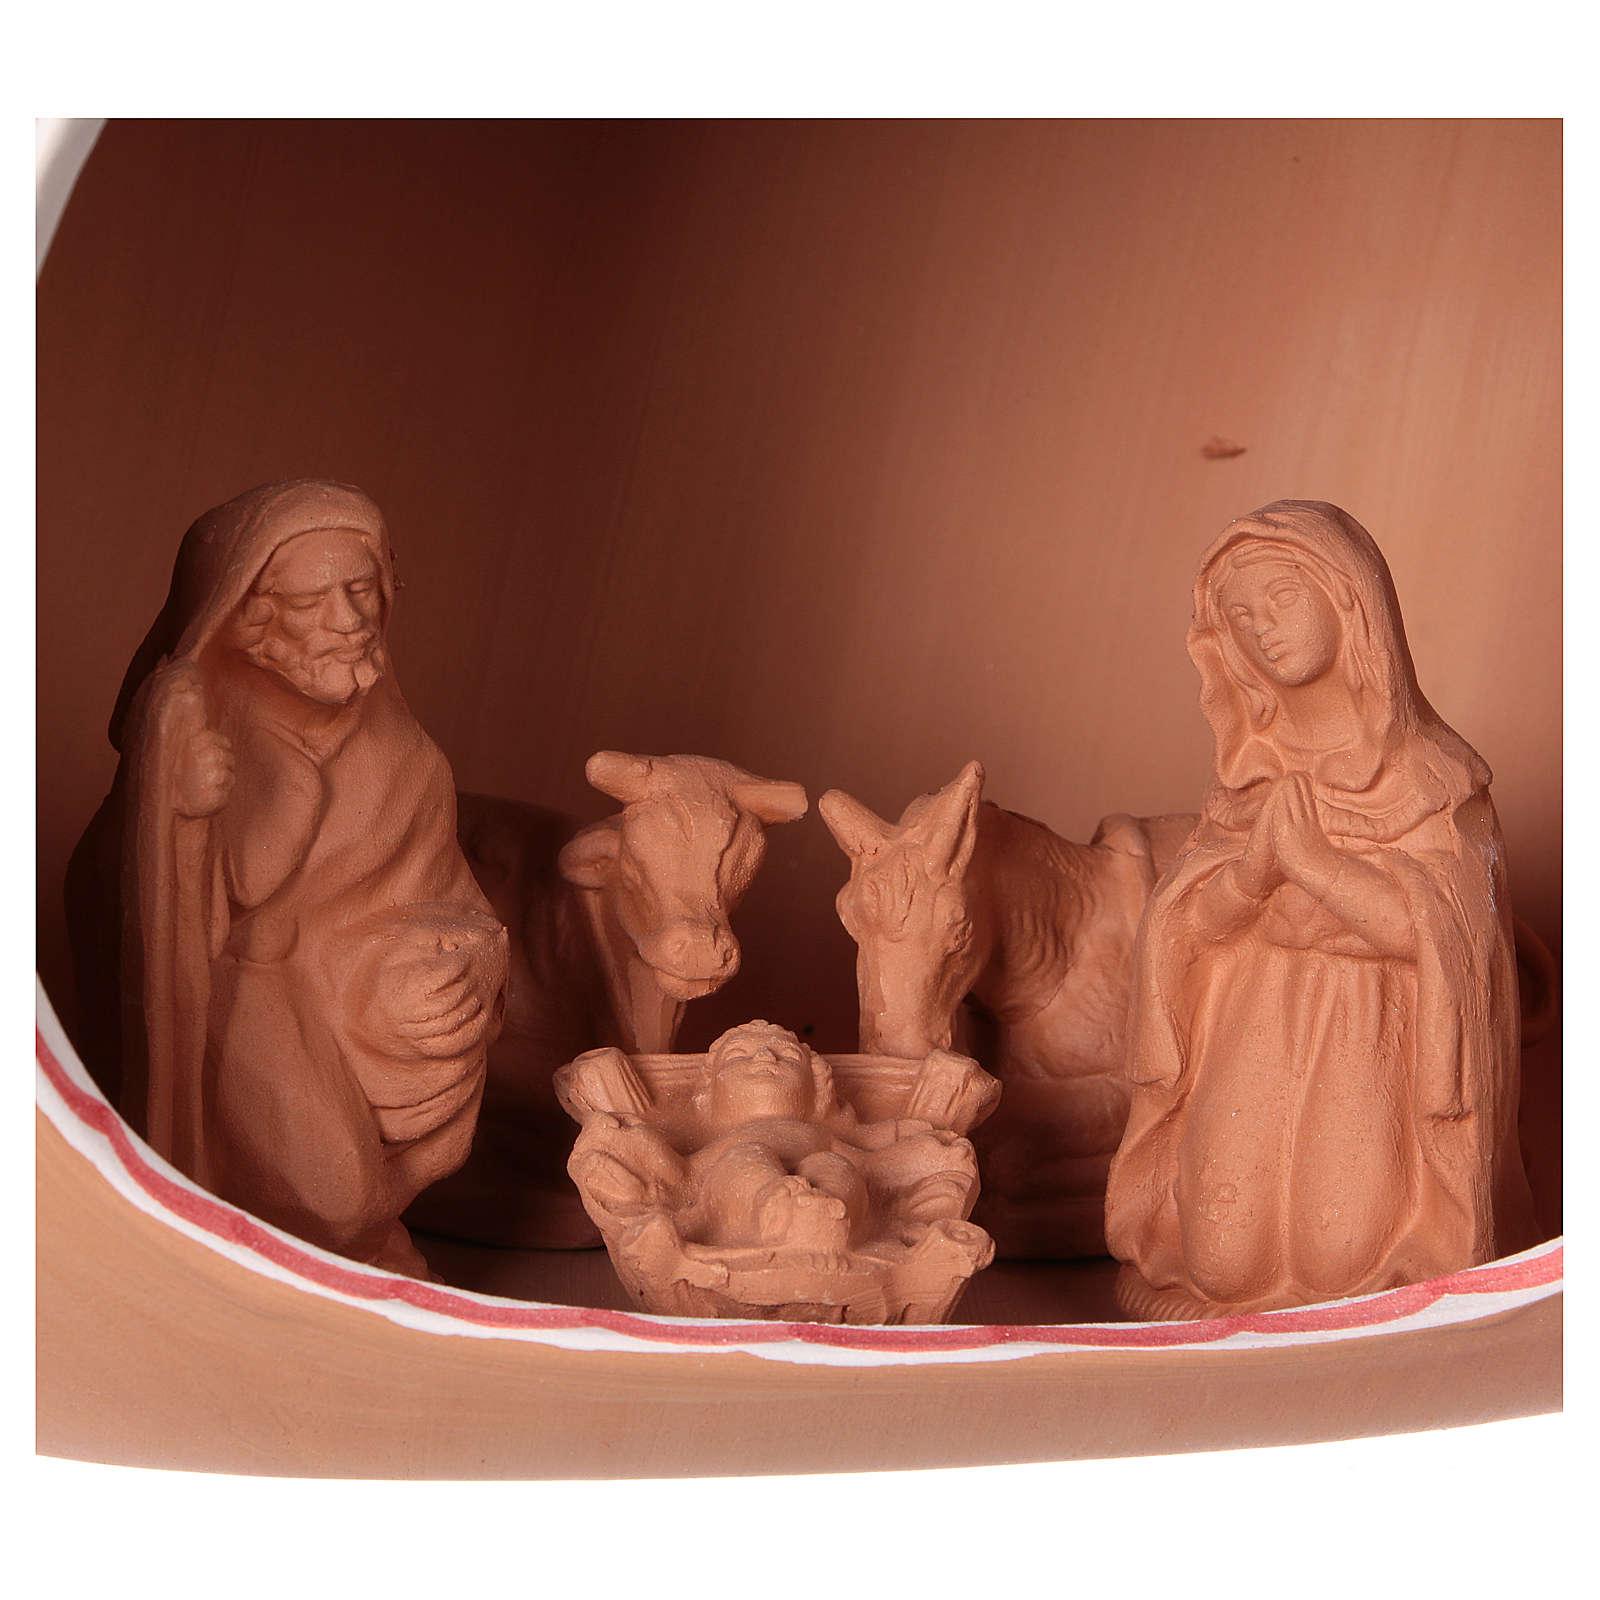 Presepe 9 cm dentro anfora 20x30x20 cm in ceramica Deruta decorata 4